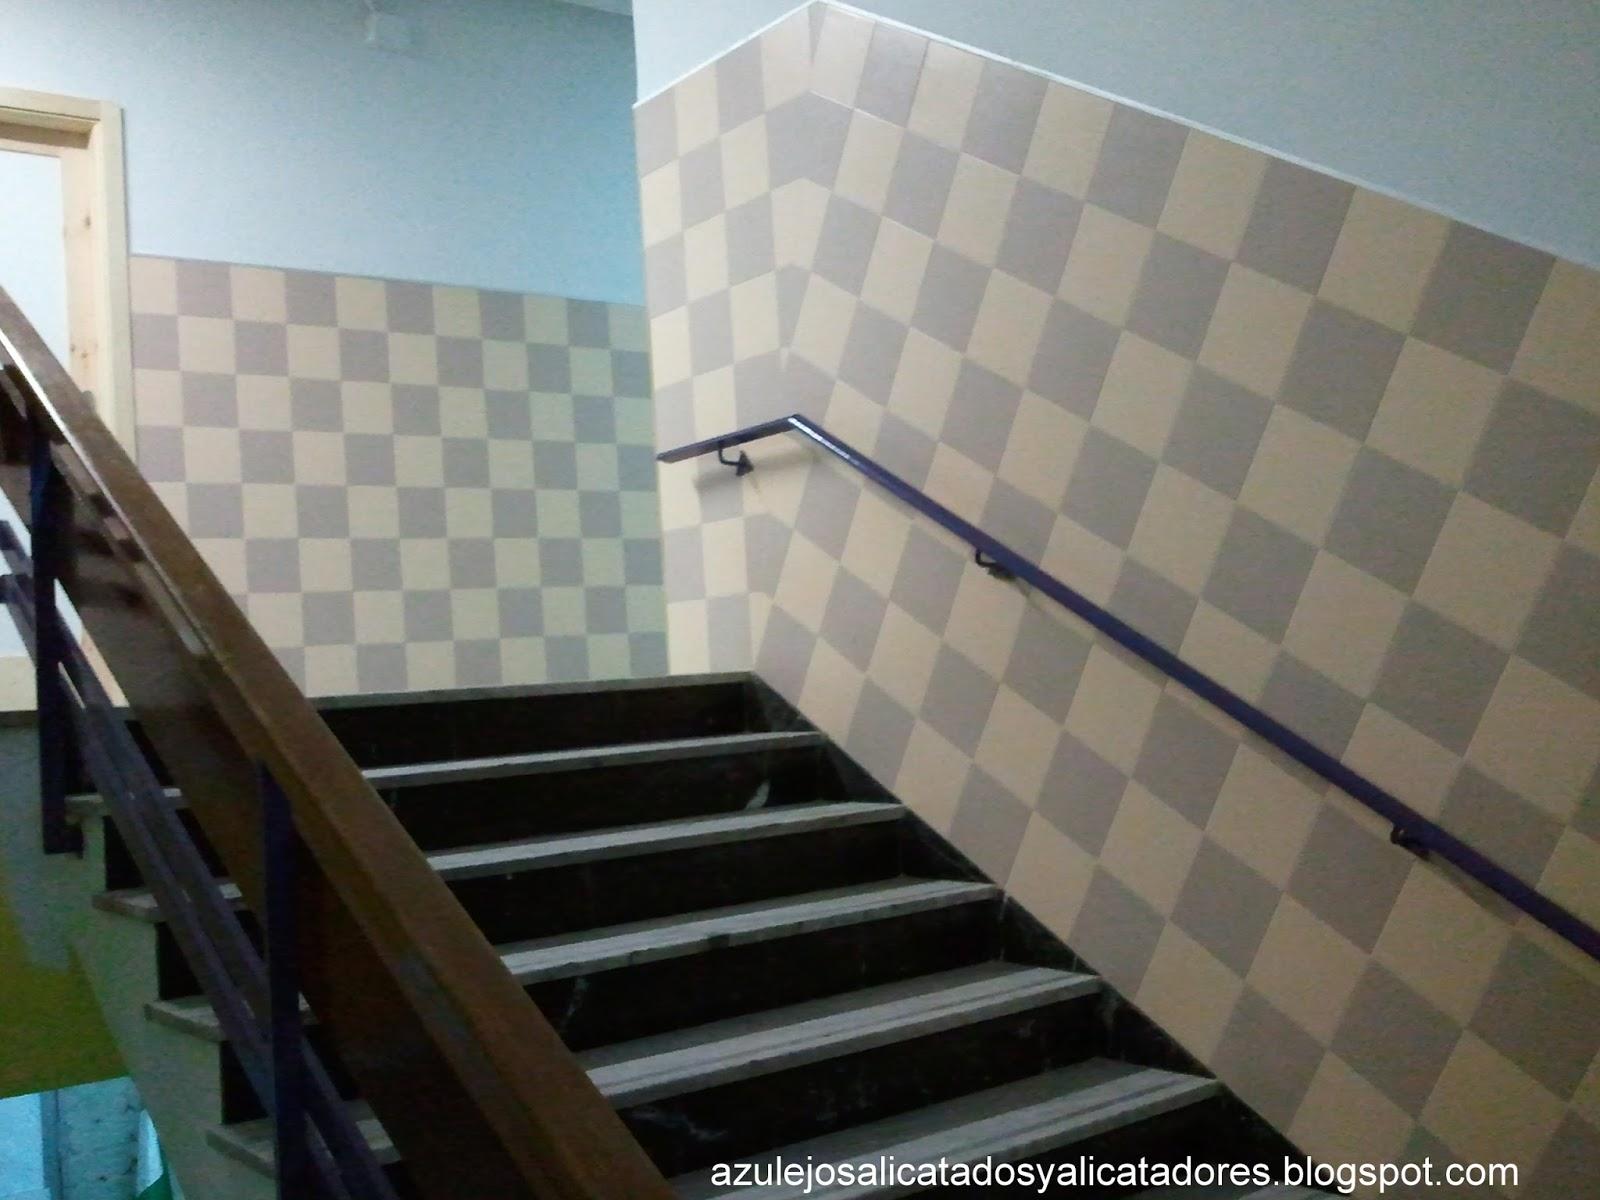 Azulejos alicatados y alicatadores trazado abanico de for Trazar una escalera